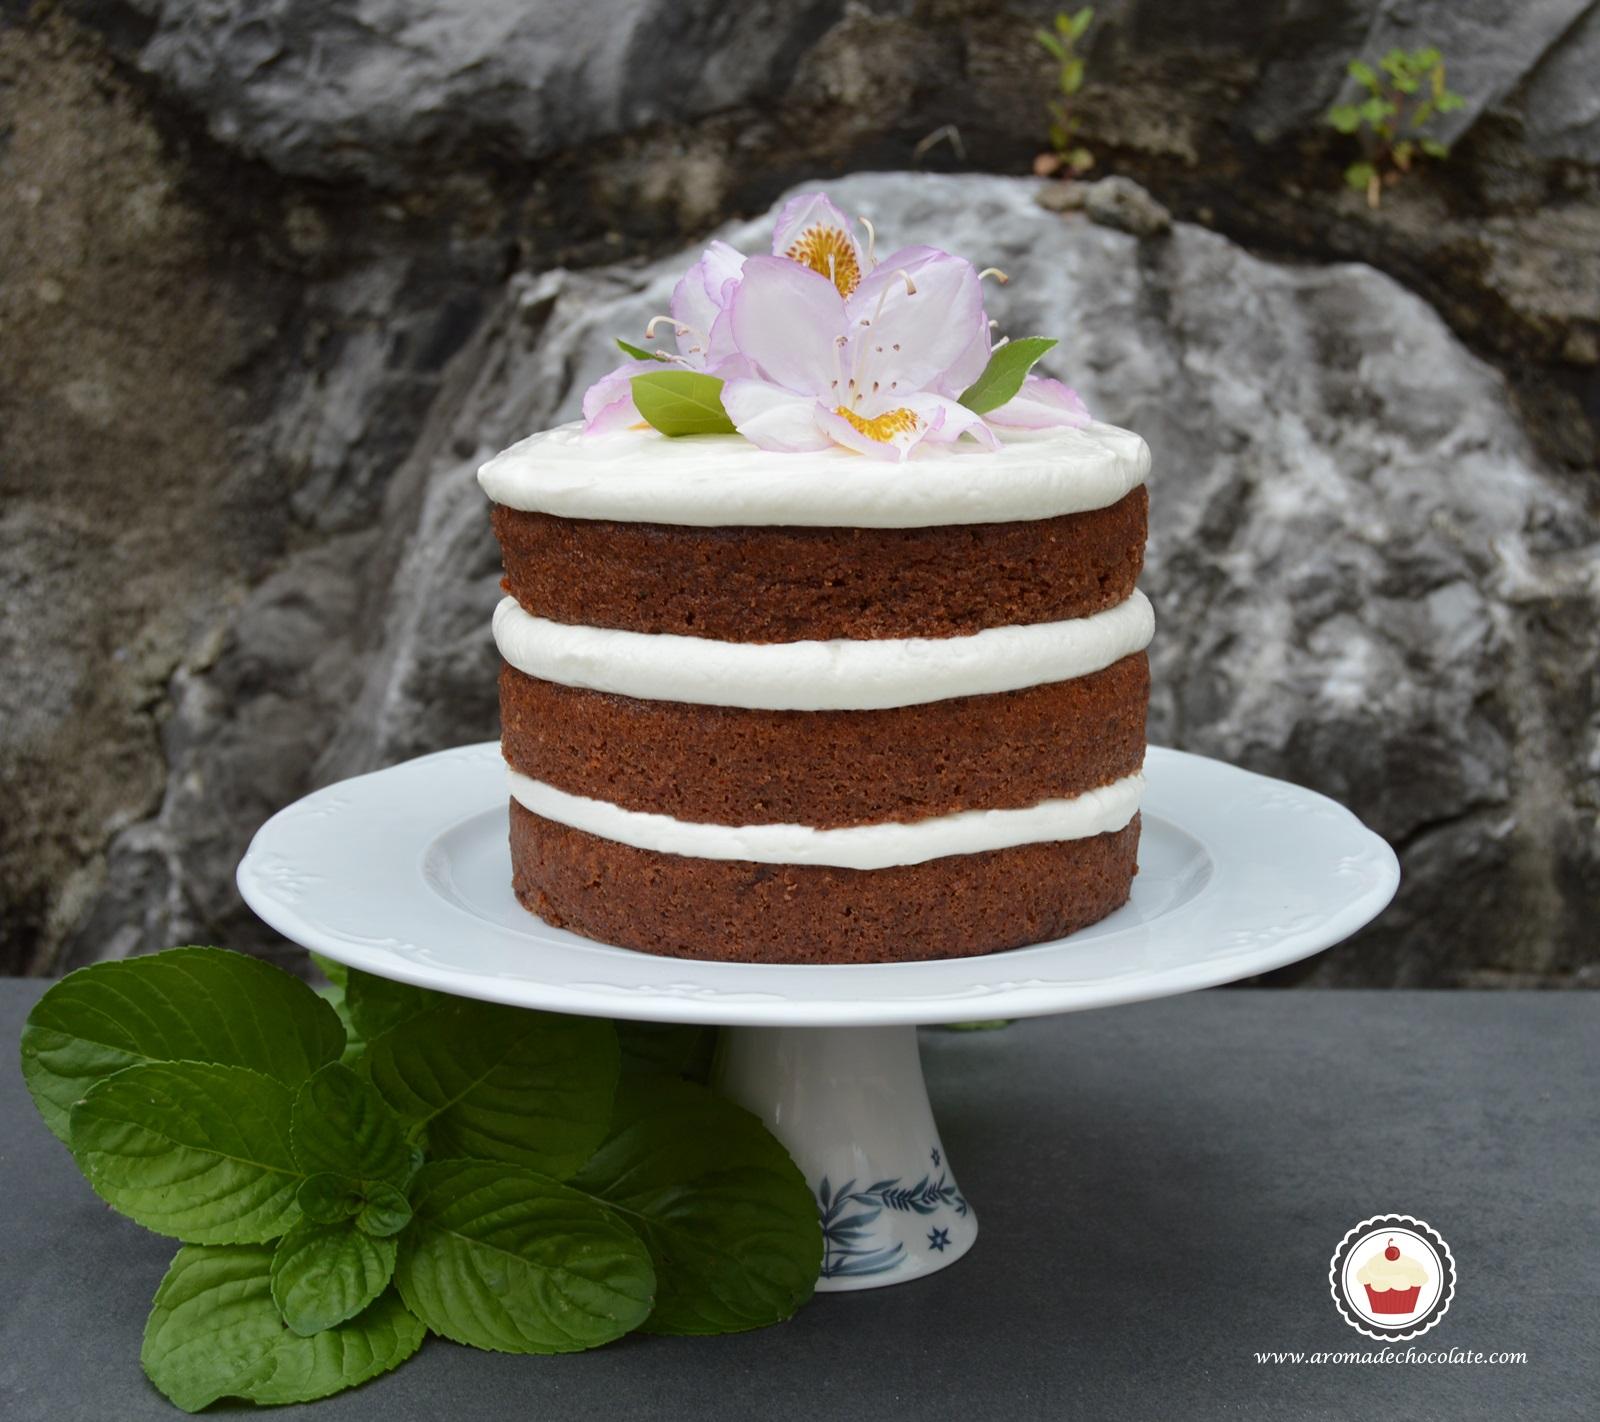 Beet chocolate naked cake. Aroma de chocolate